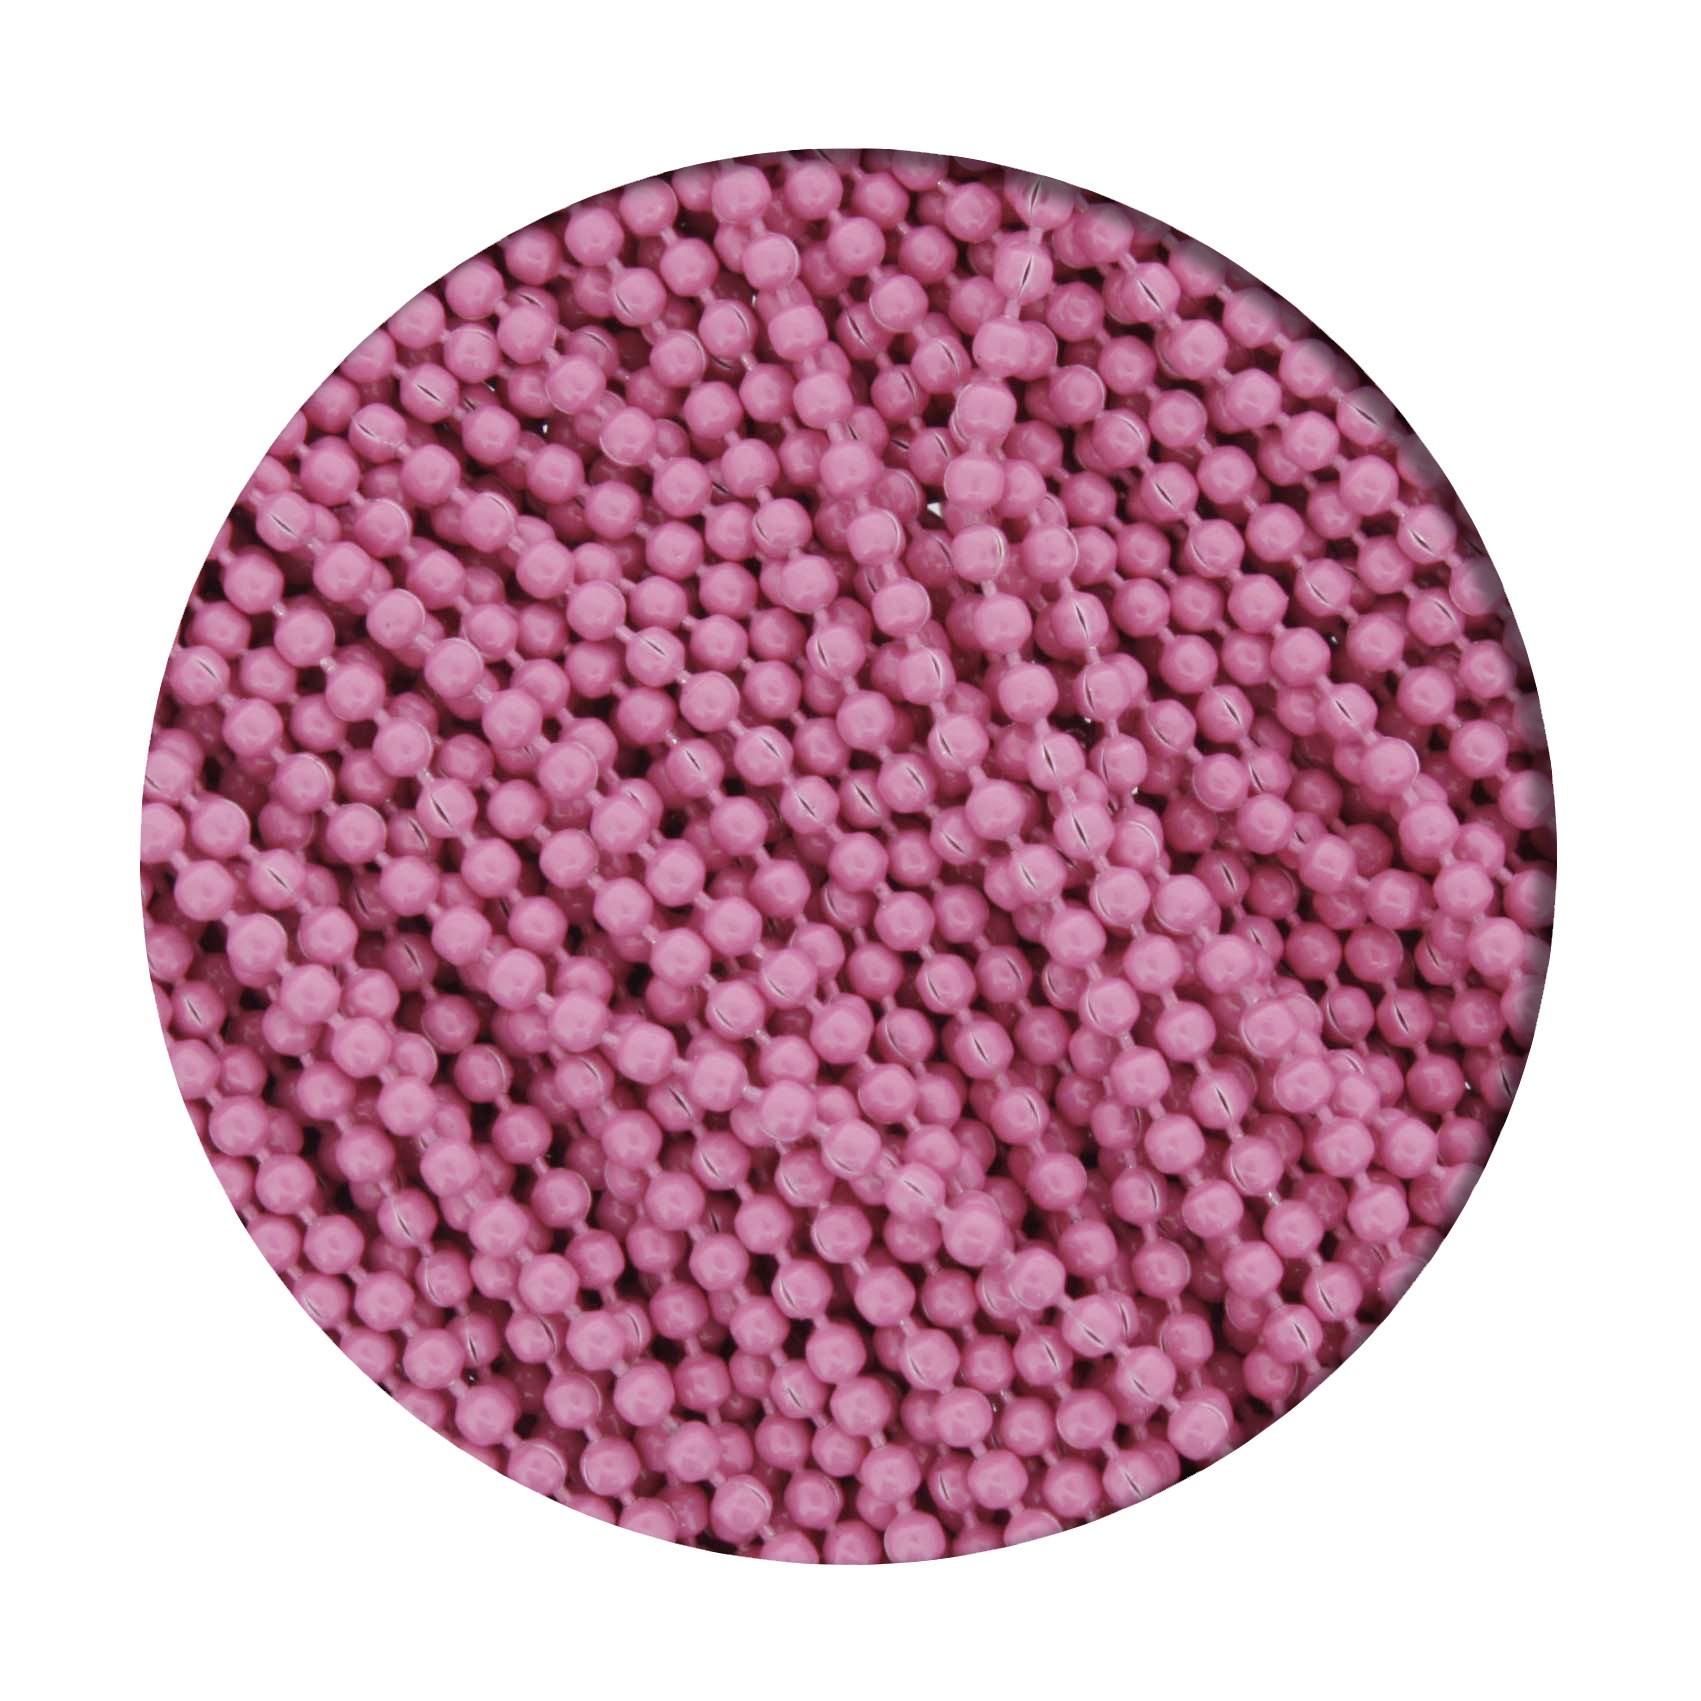 Corrente de Bolinha - 1,5mm - Rosa  - Stéphanie Bijoux® - Peças para Bijuterias e Artesanato